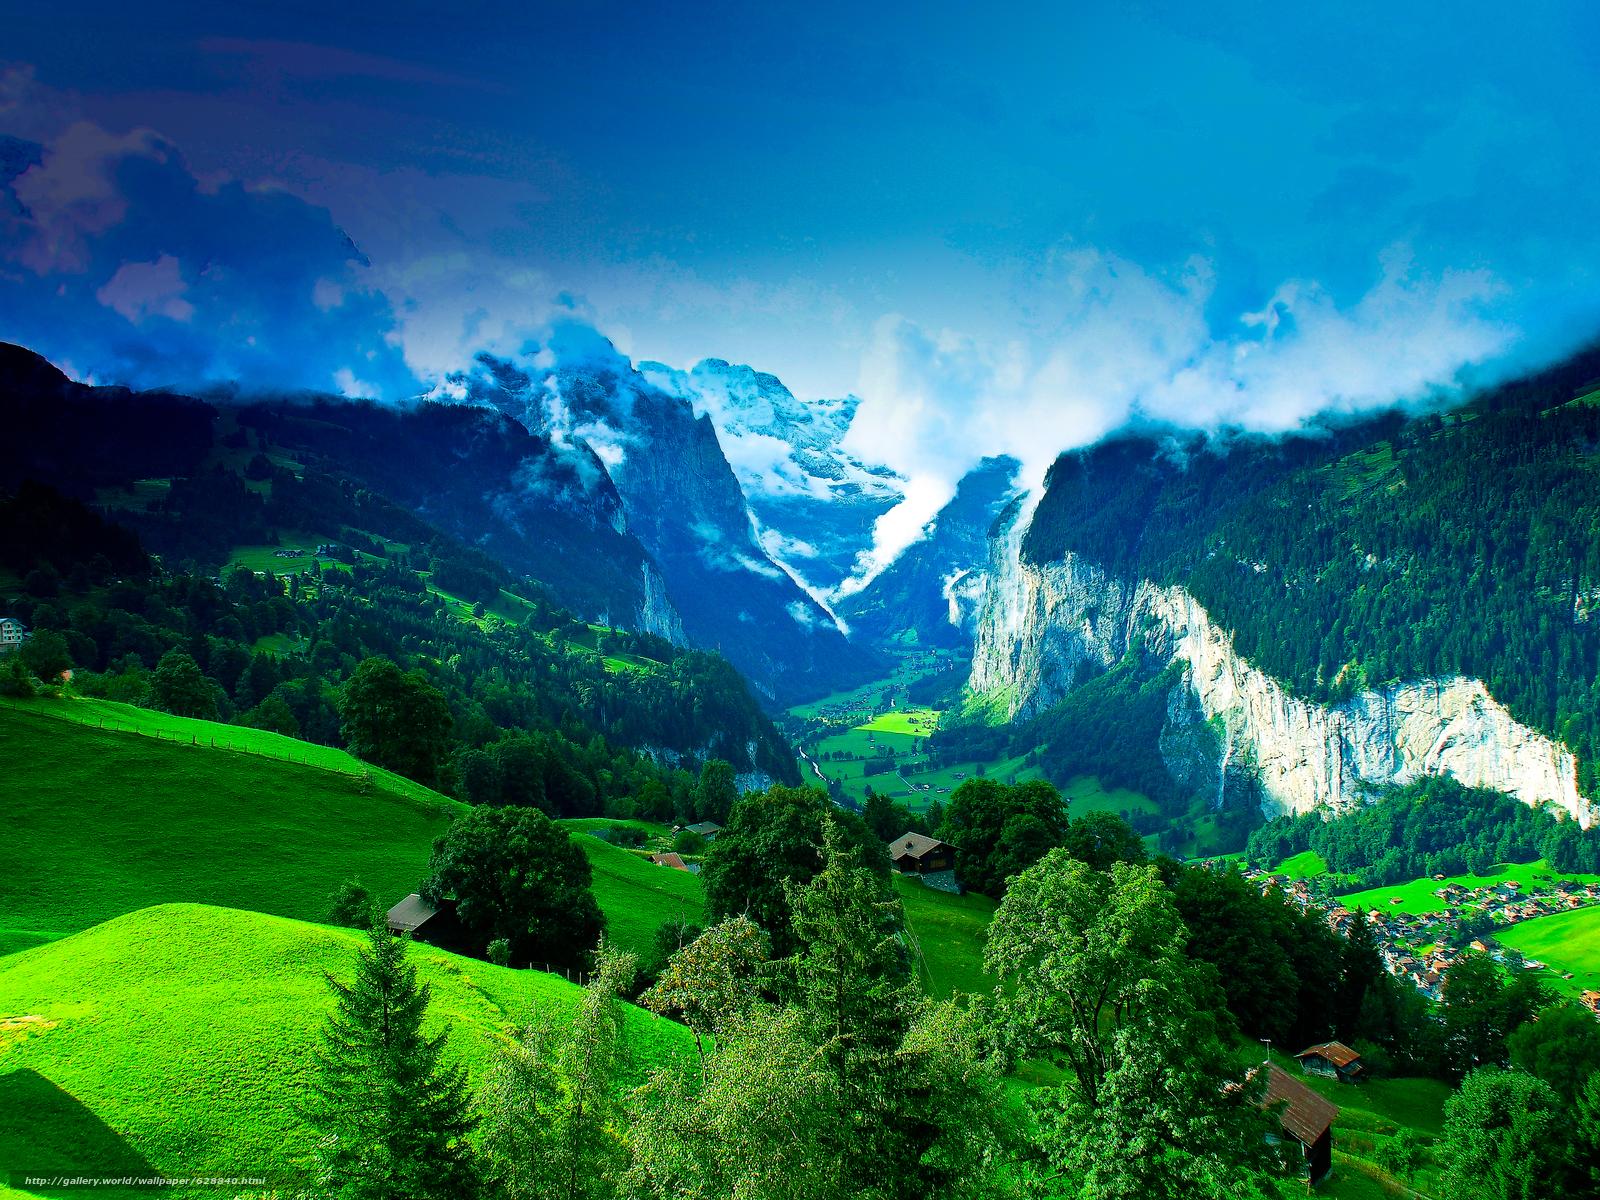 деревья, дома, холмы, италия, горы, пейзаж